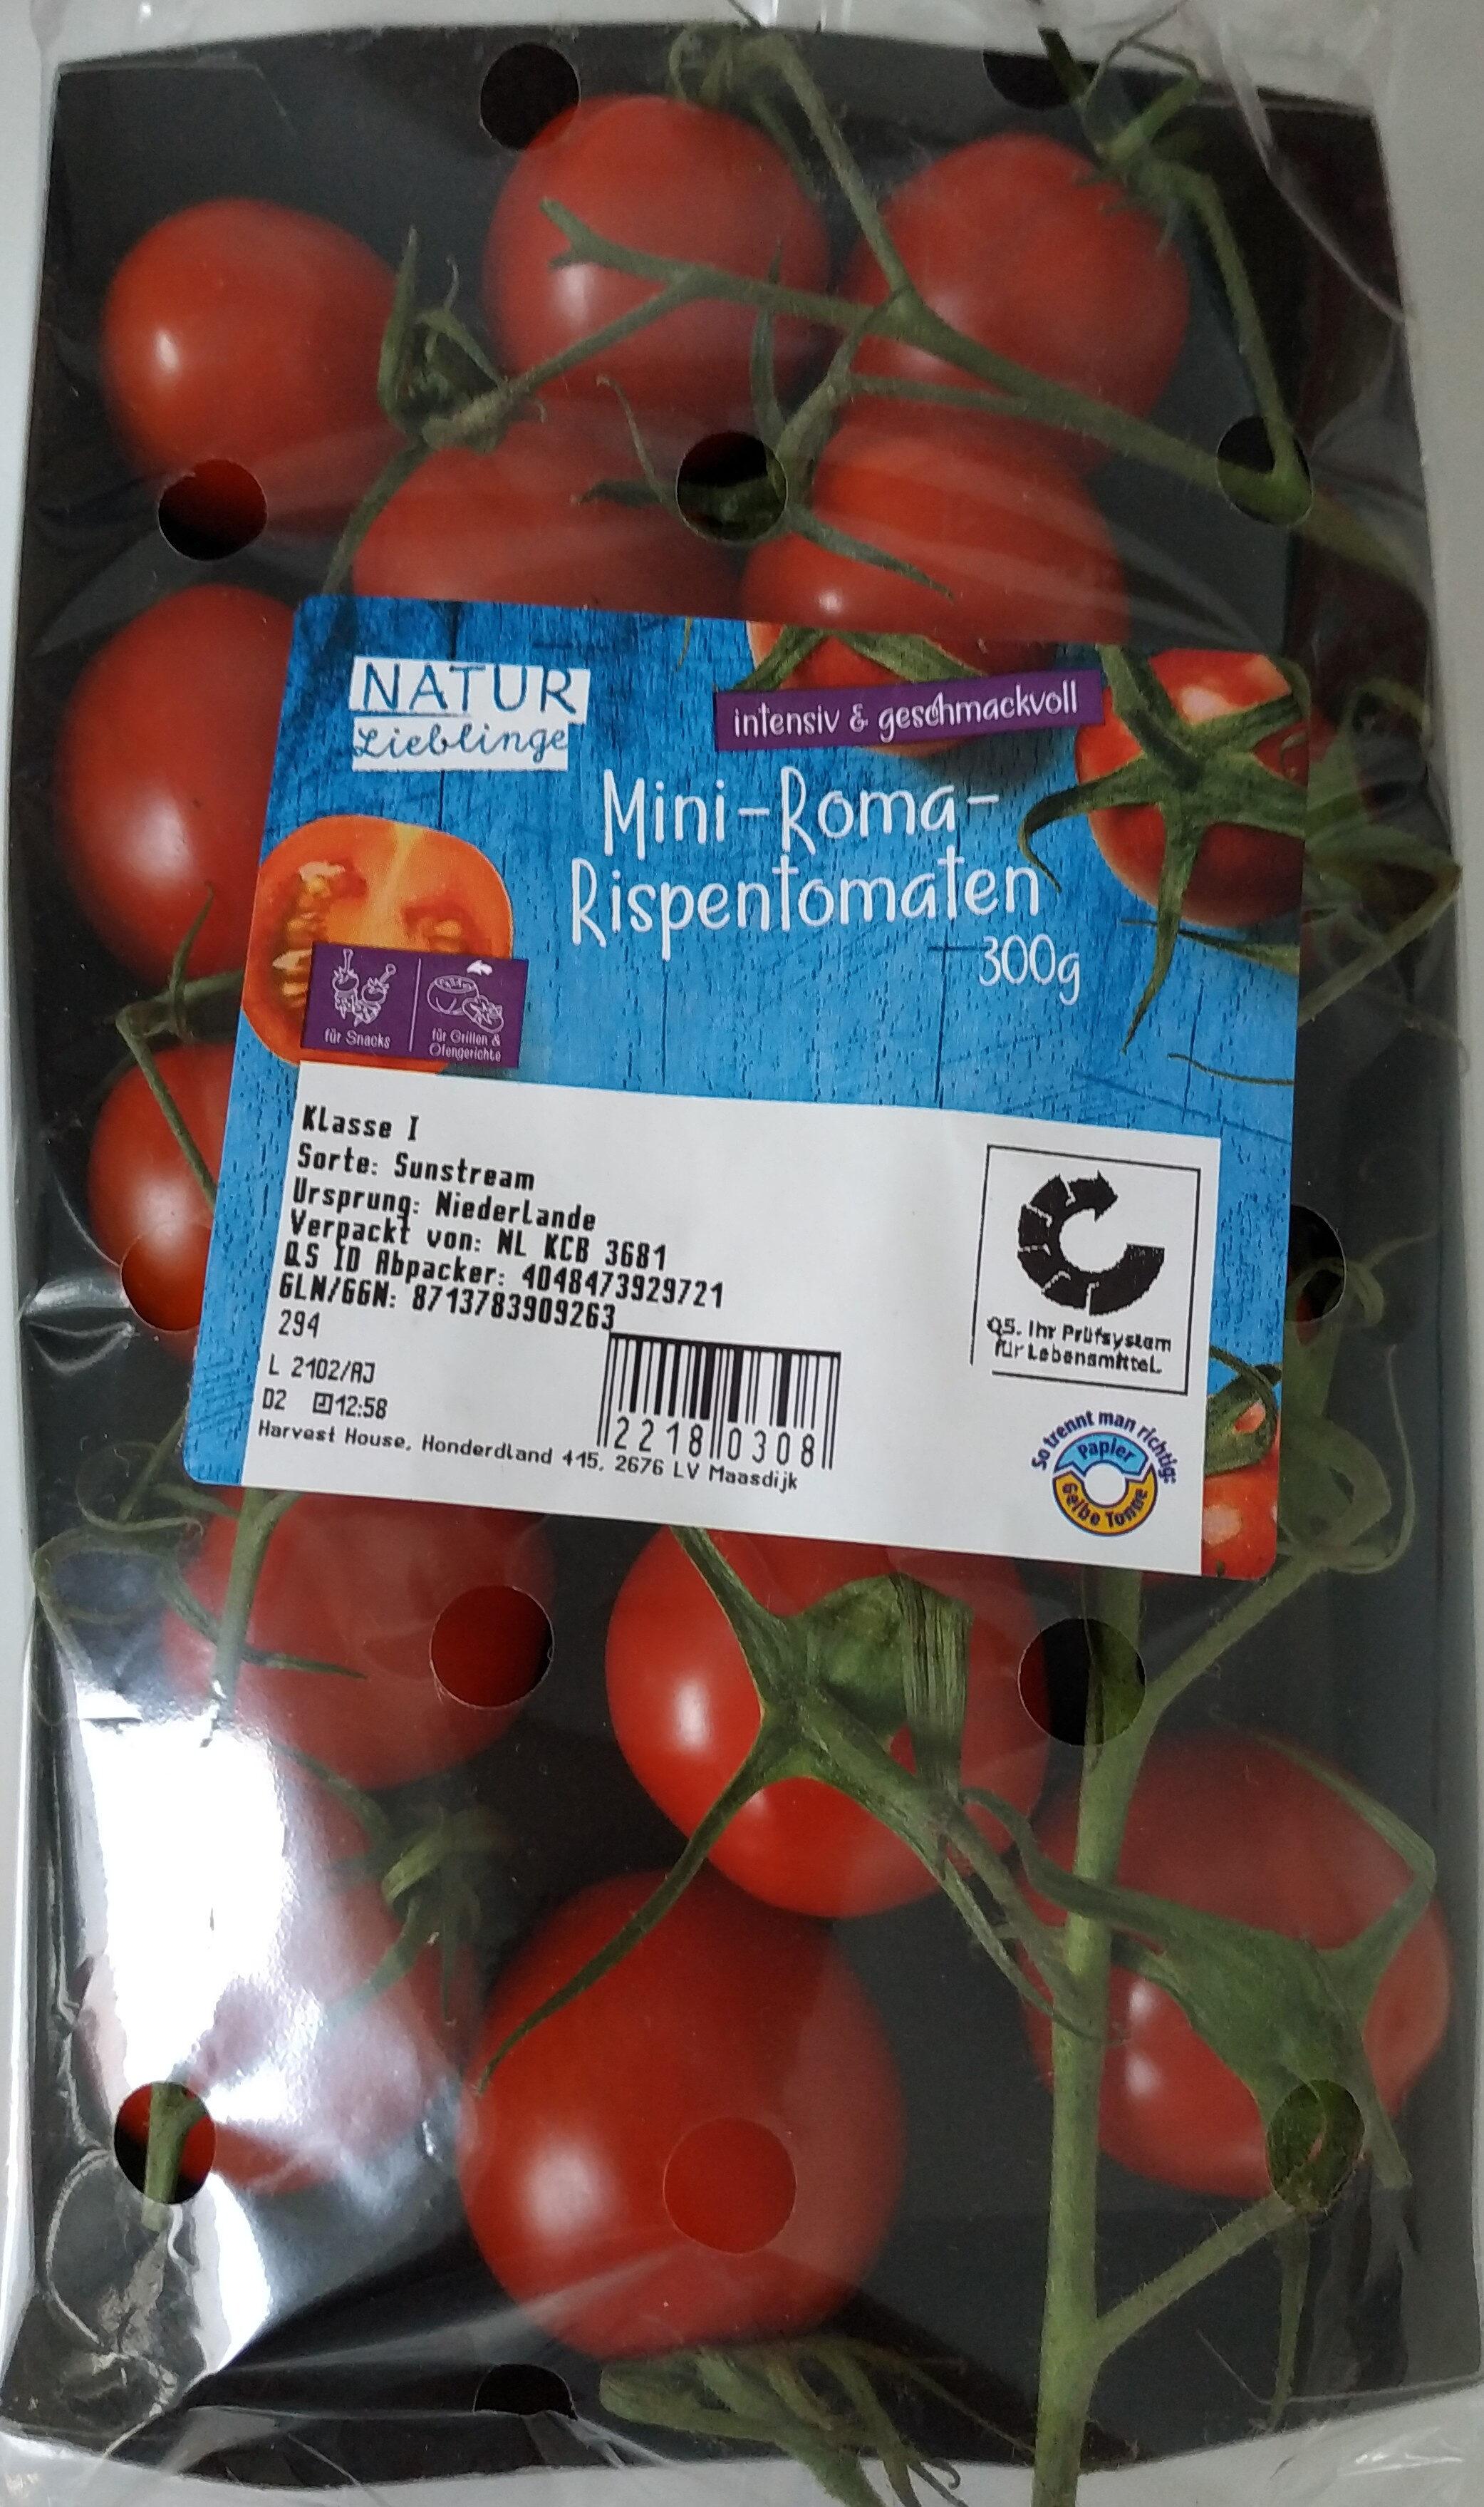 Mini-Roma-Rispentomaten - Product - de